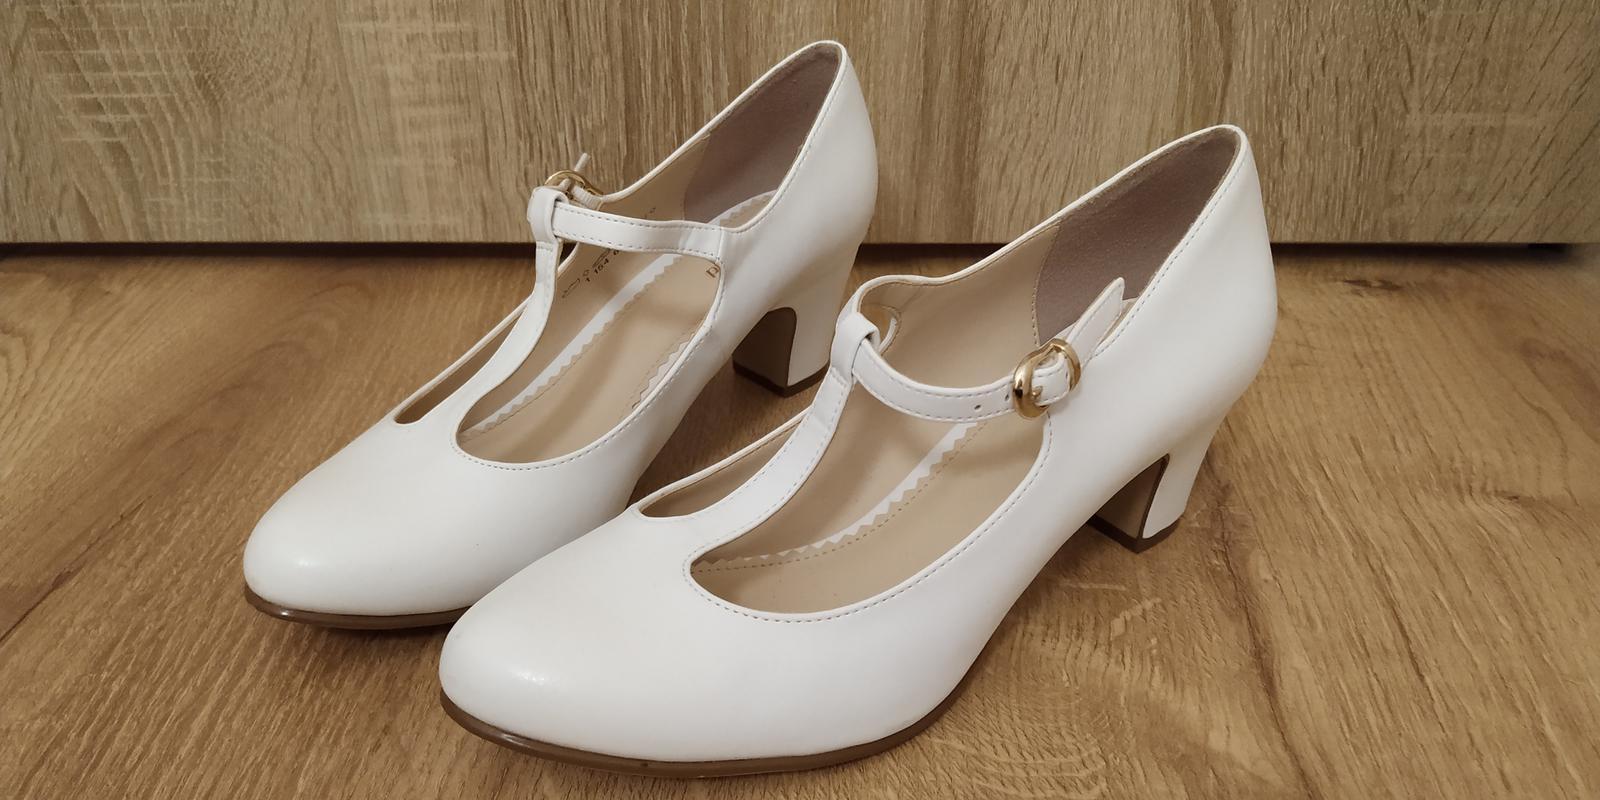 Dámske svadobné biele lodičky - Obrázok č. 1